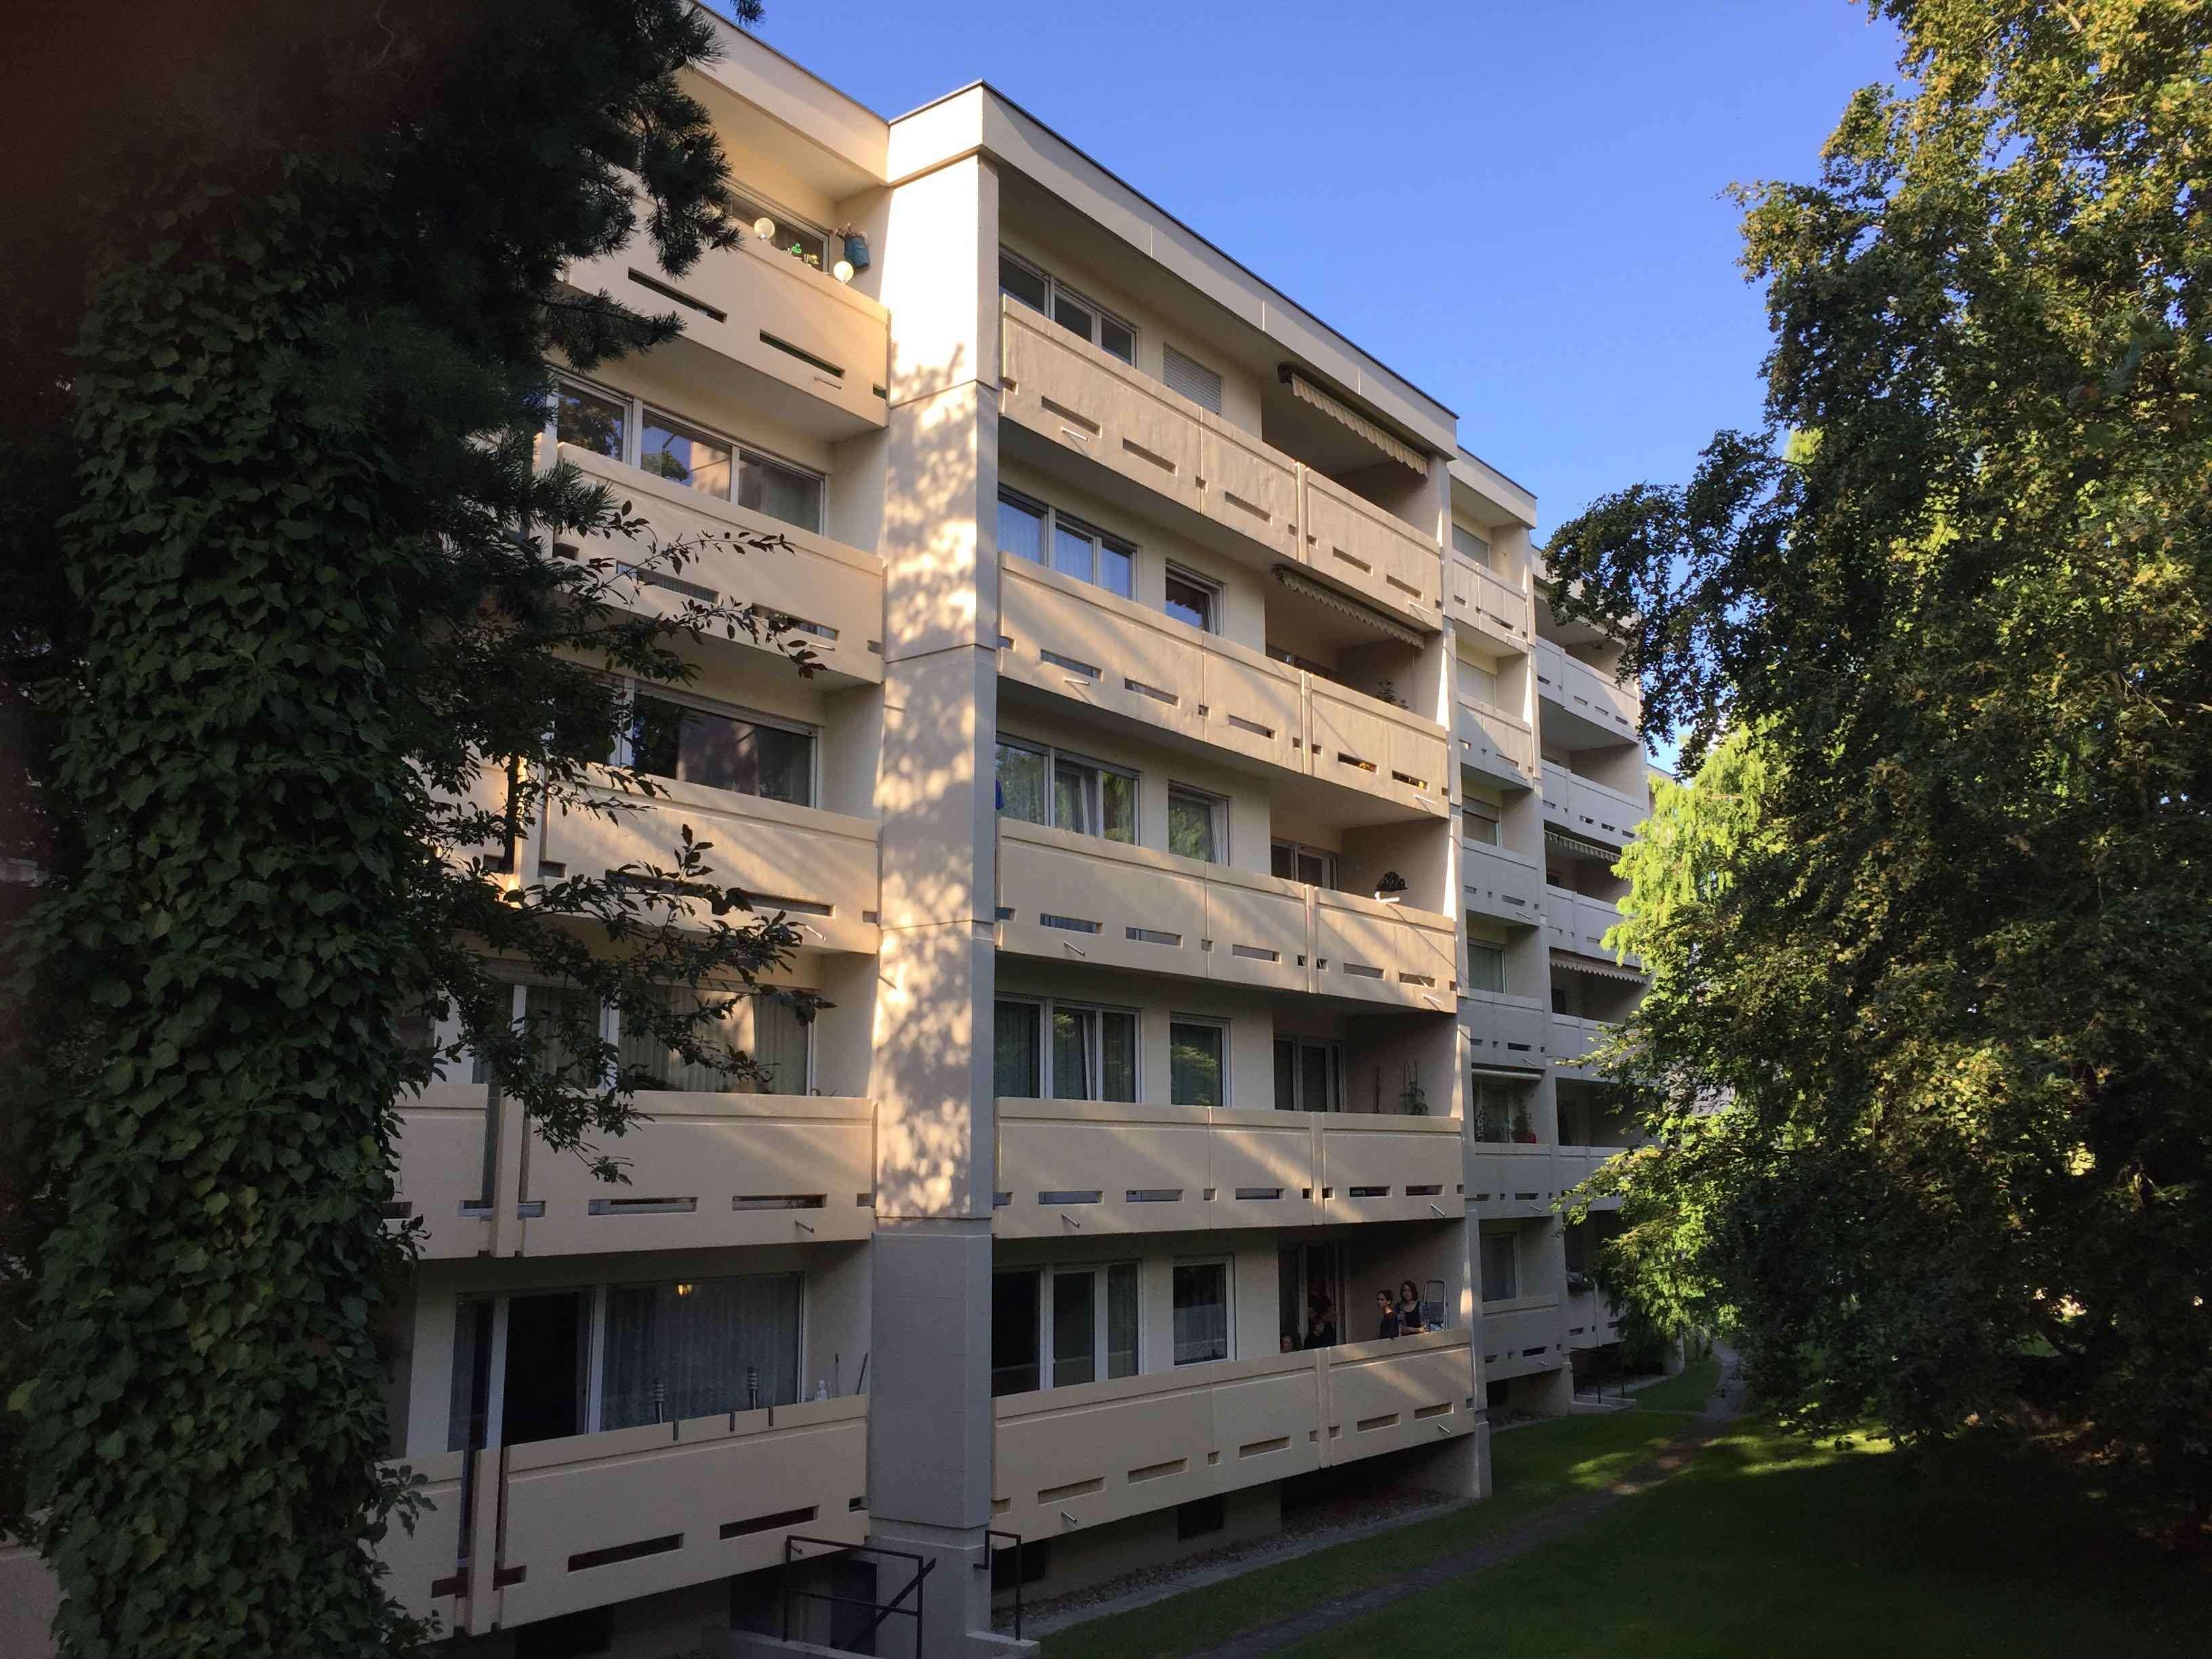 Sehr schöne 2-ZKB in Augsburg-Kriegshaber - Nähe Spectrum/Klinikum in Kriegshaber (Augsburg)